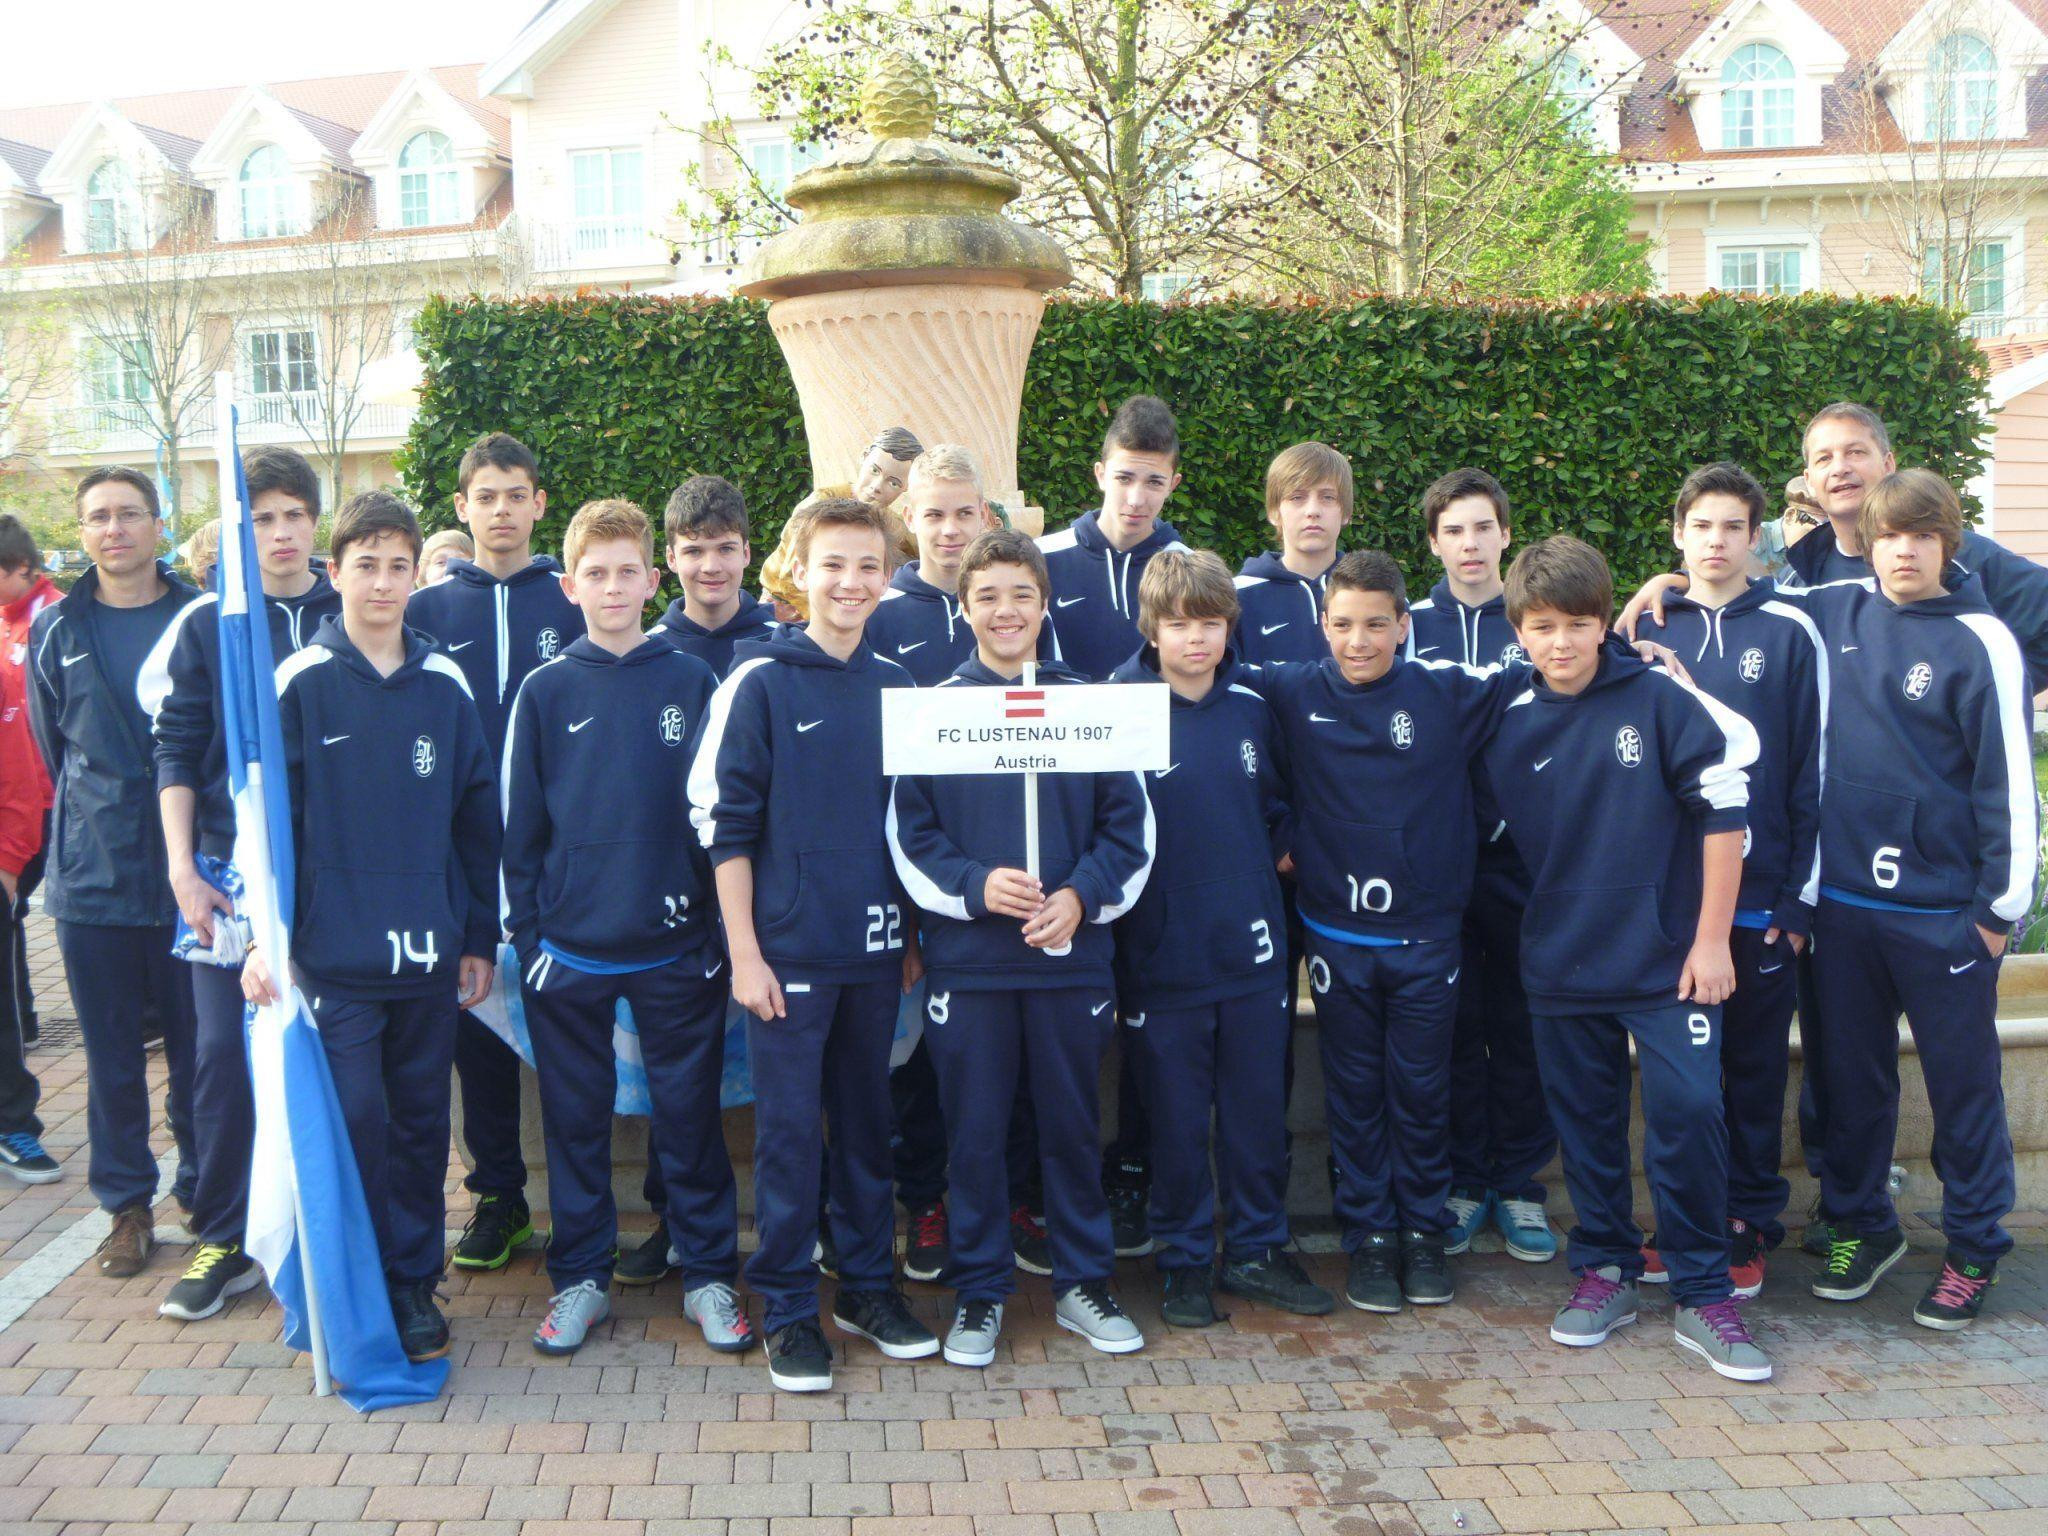 Die U14 des FC Lustenau erlebte ereignisreiche Tage beim Trainingslager am Gardasee.